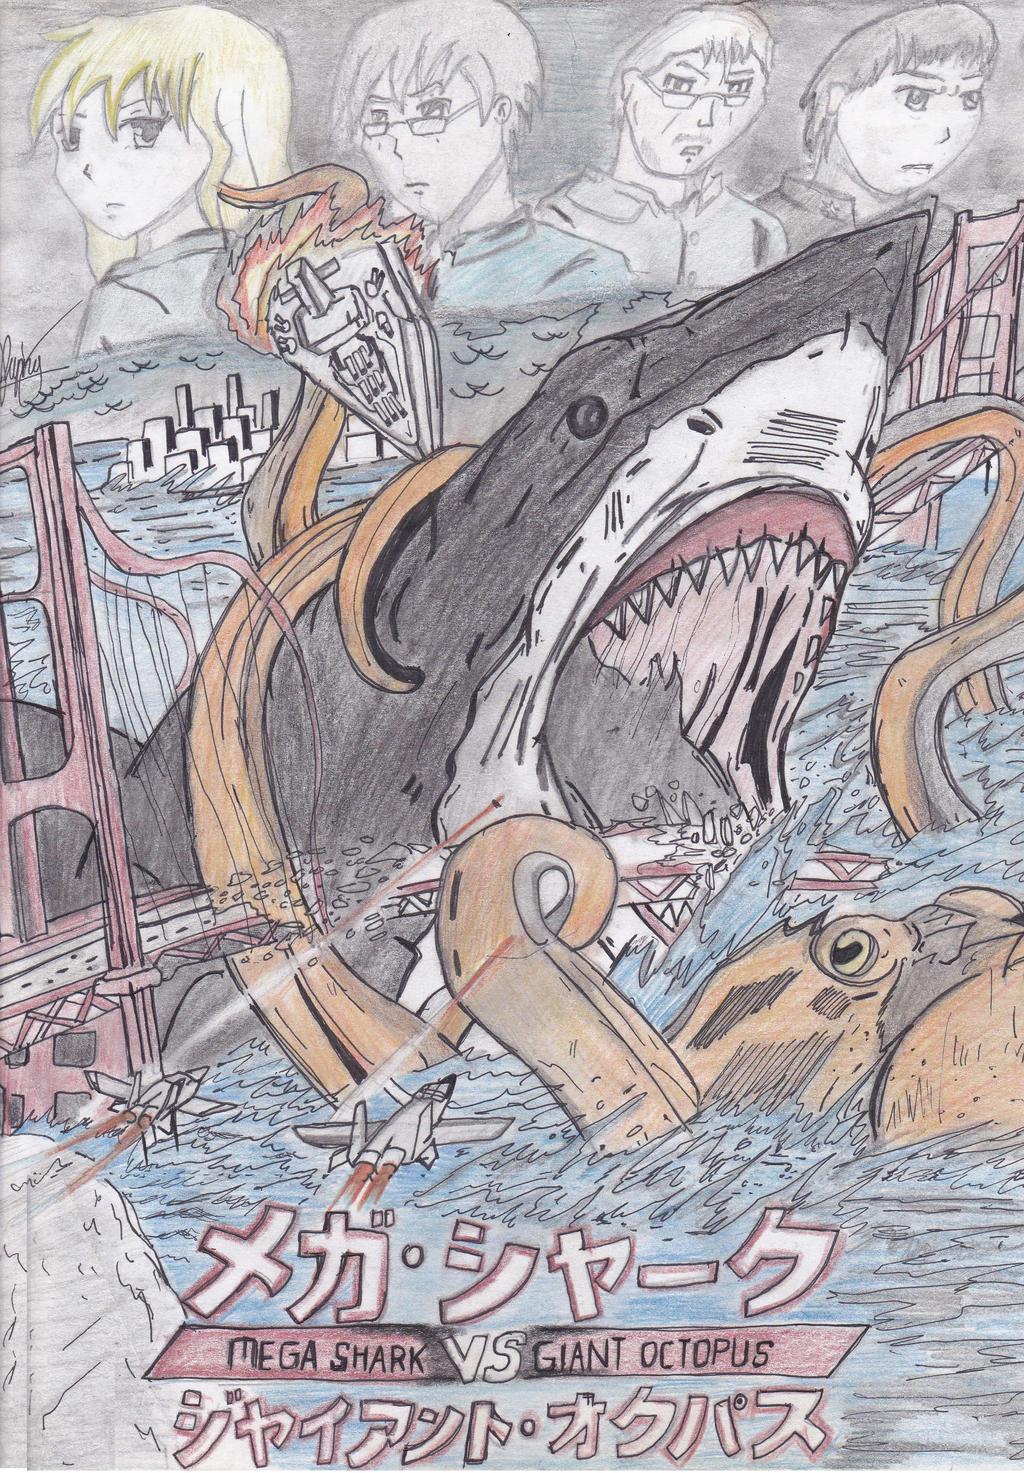 shark vs octopus drawing